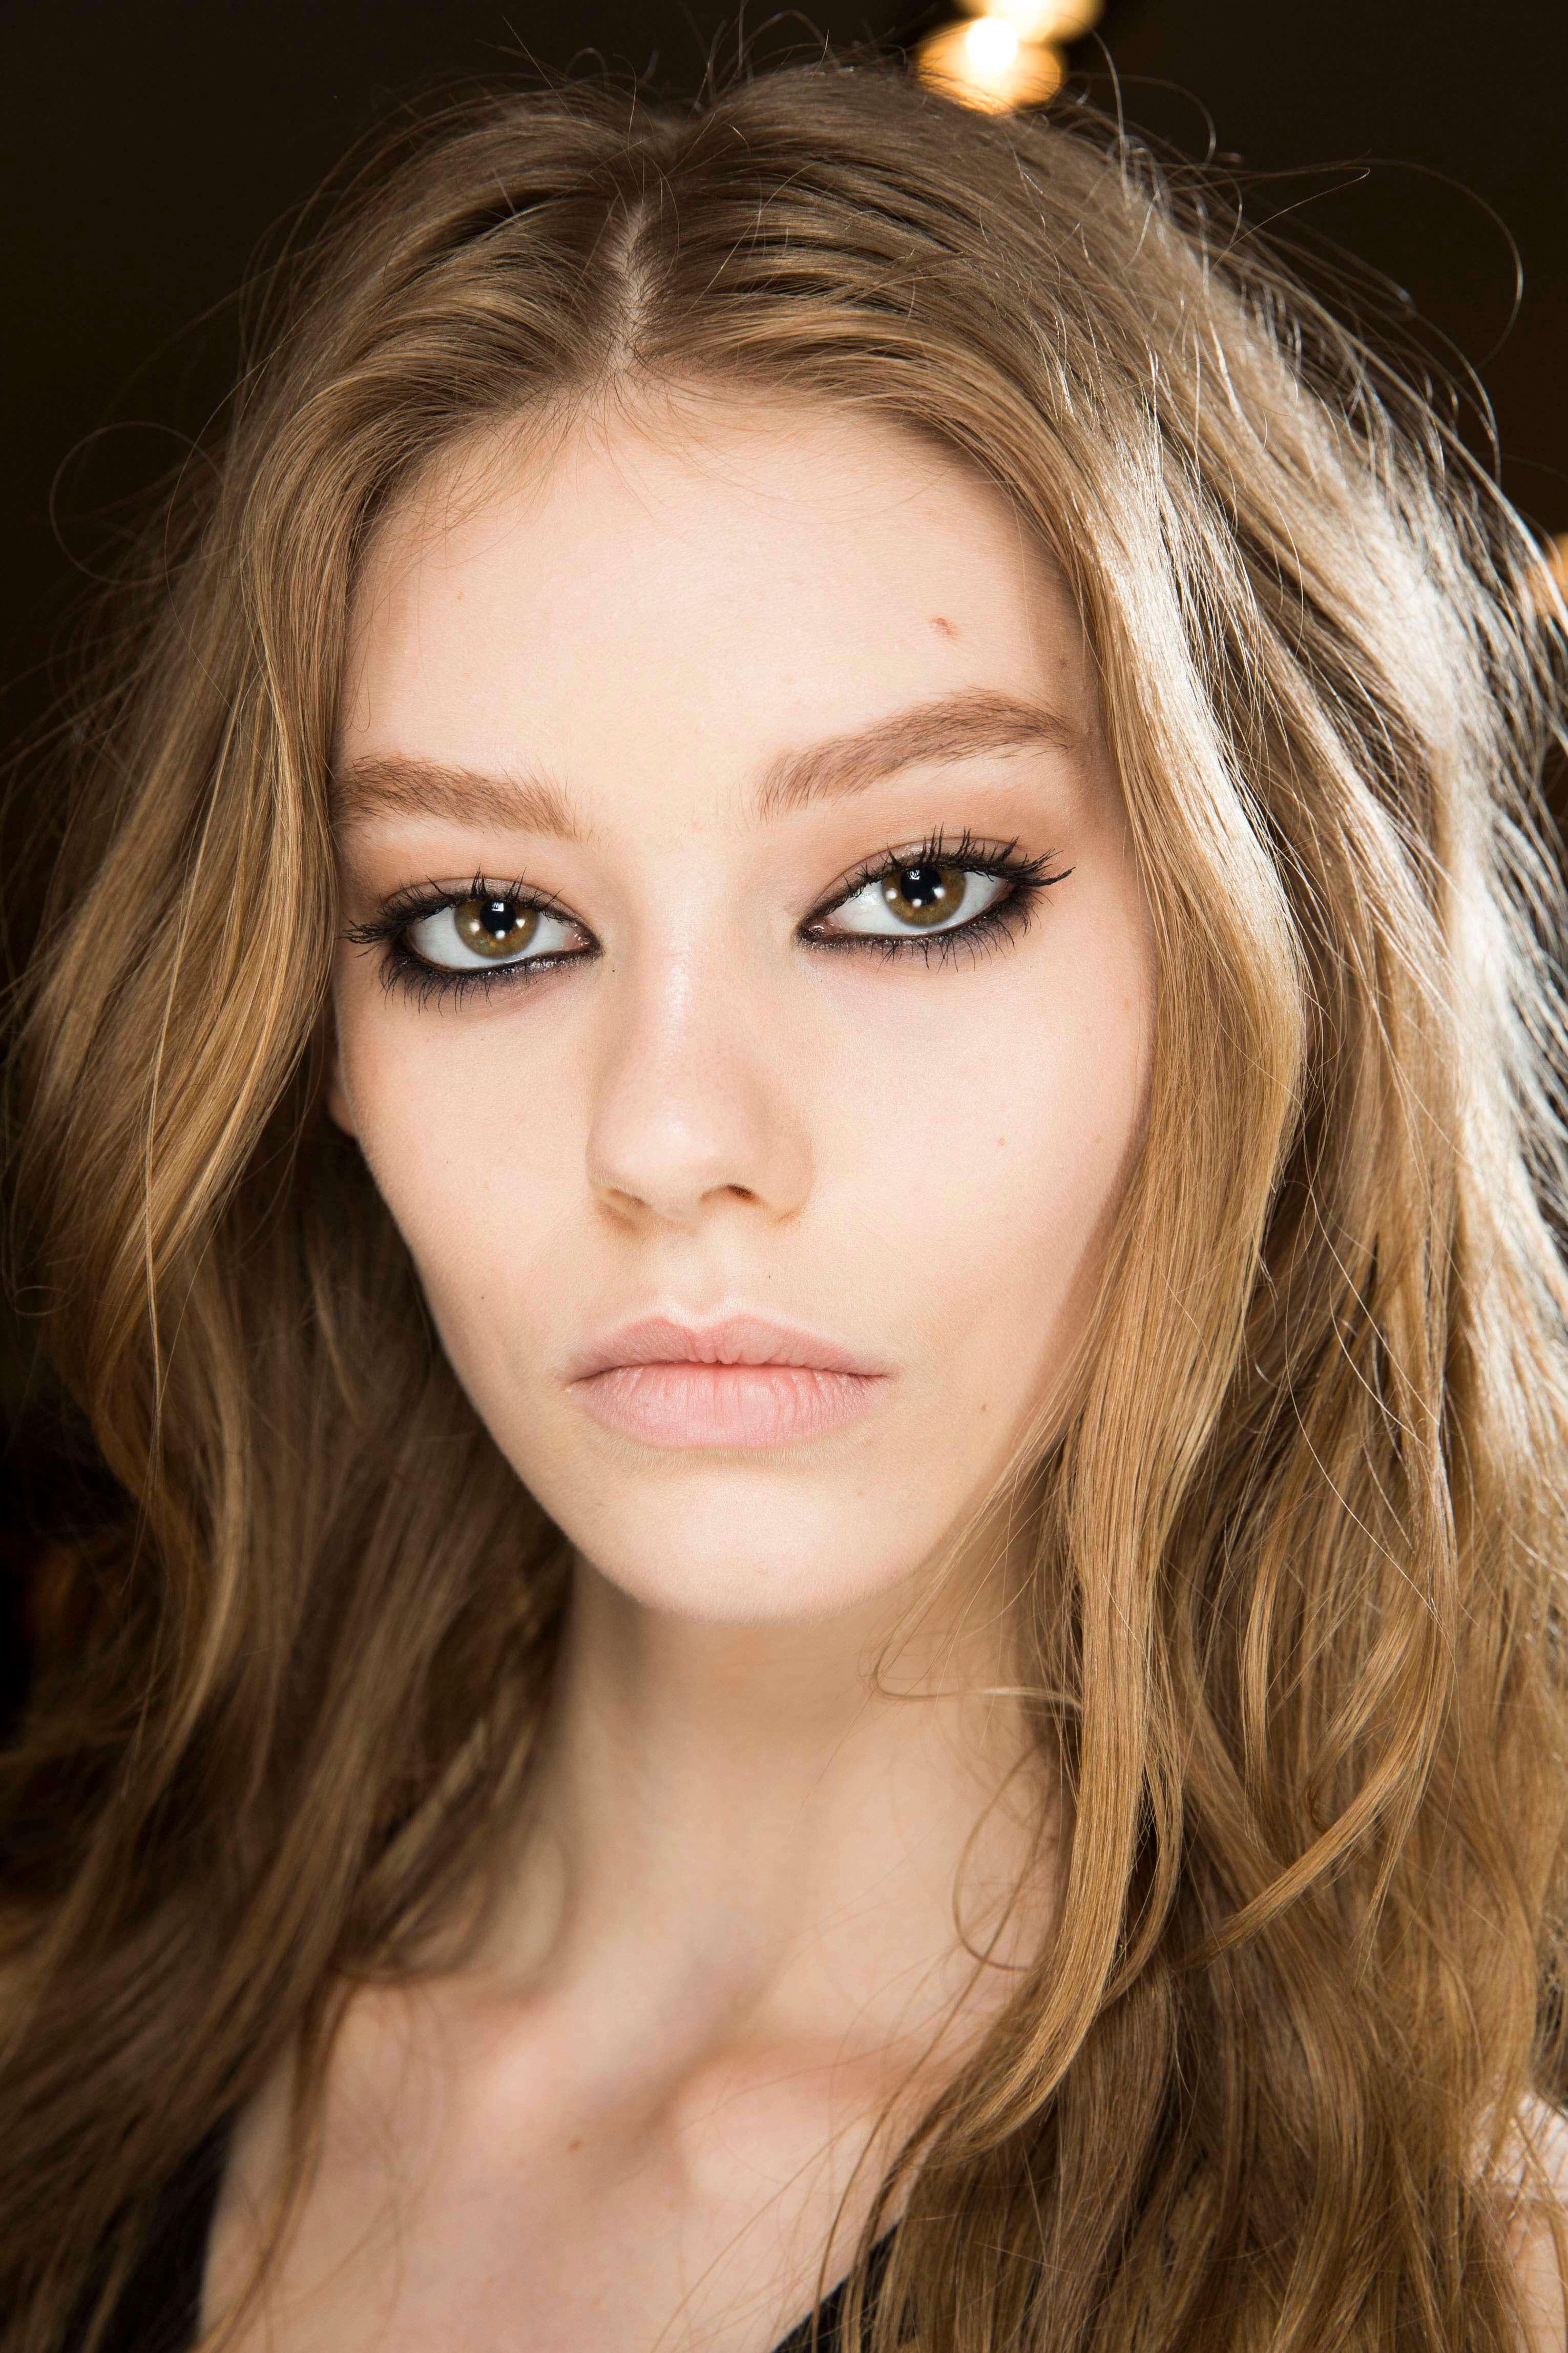 Les meilleures coiffures pour les visages ronds : Gros plan d'une femme avec des cheveux ondulés de couleur marron moyen et des couches